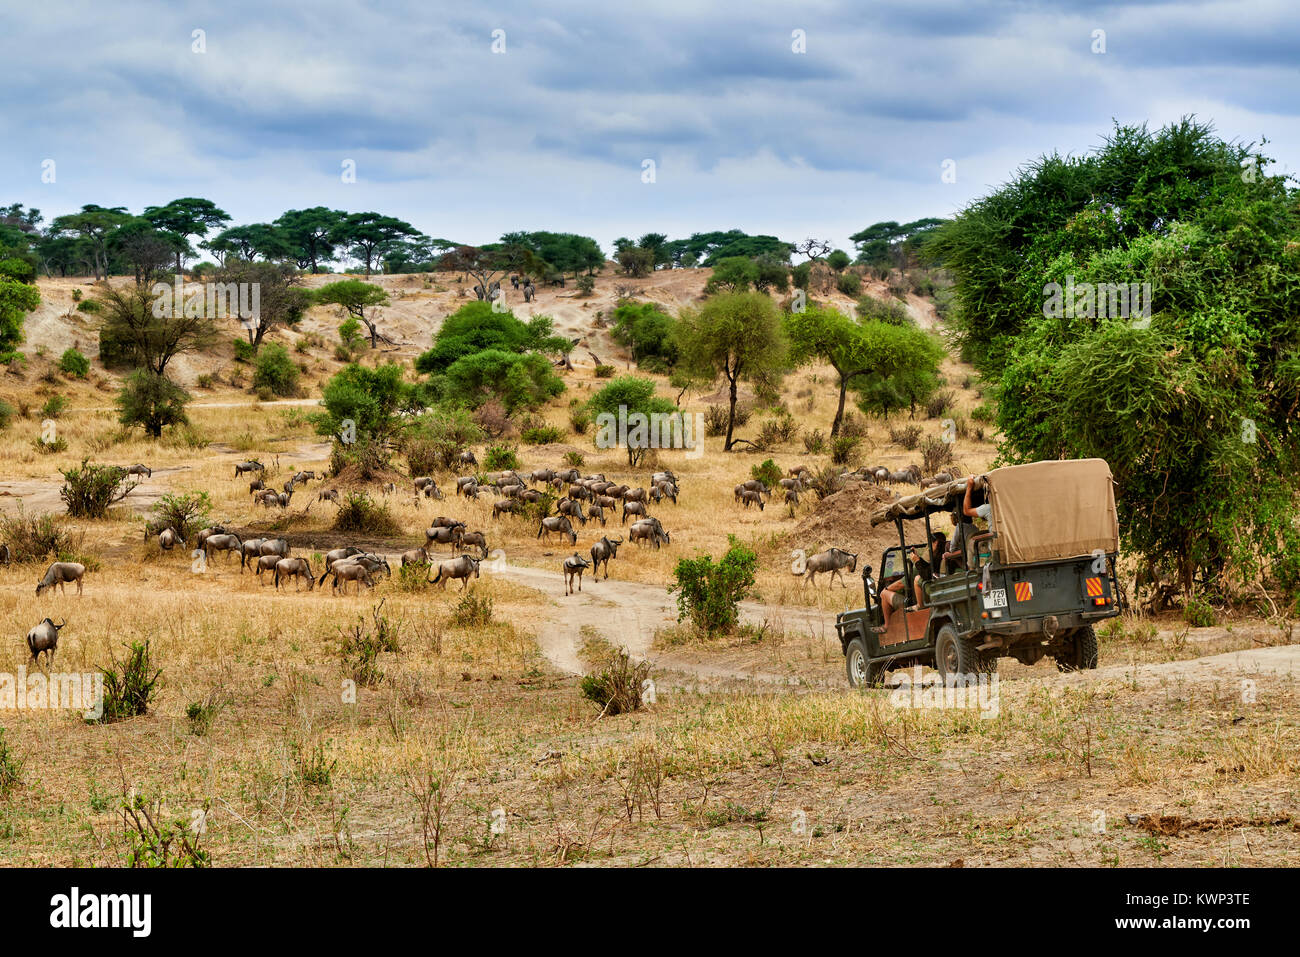 El ñu azul y safari coche en valle del Parque Nacional Tarangire, Tanzania, África Imagen De Stock